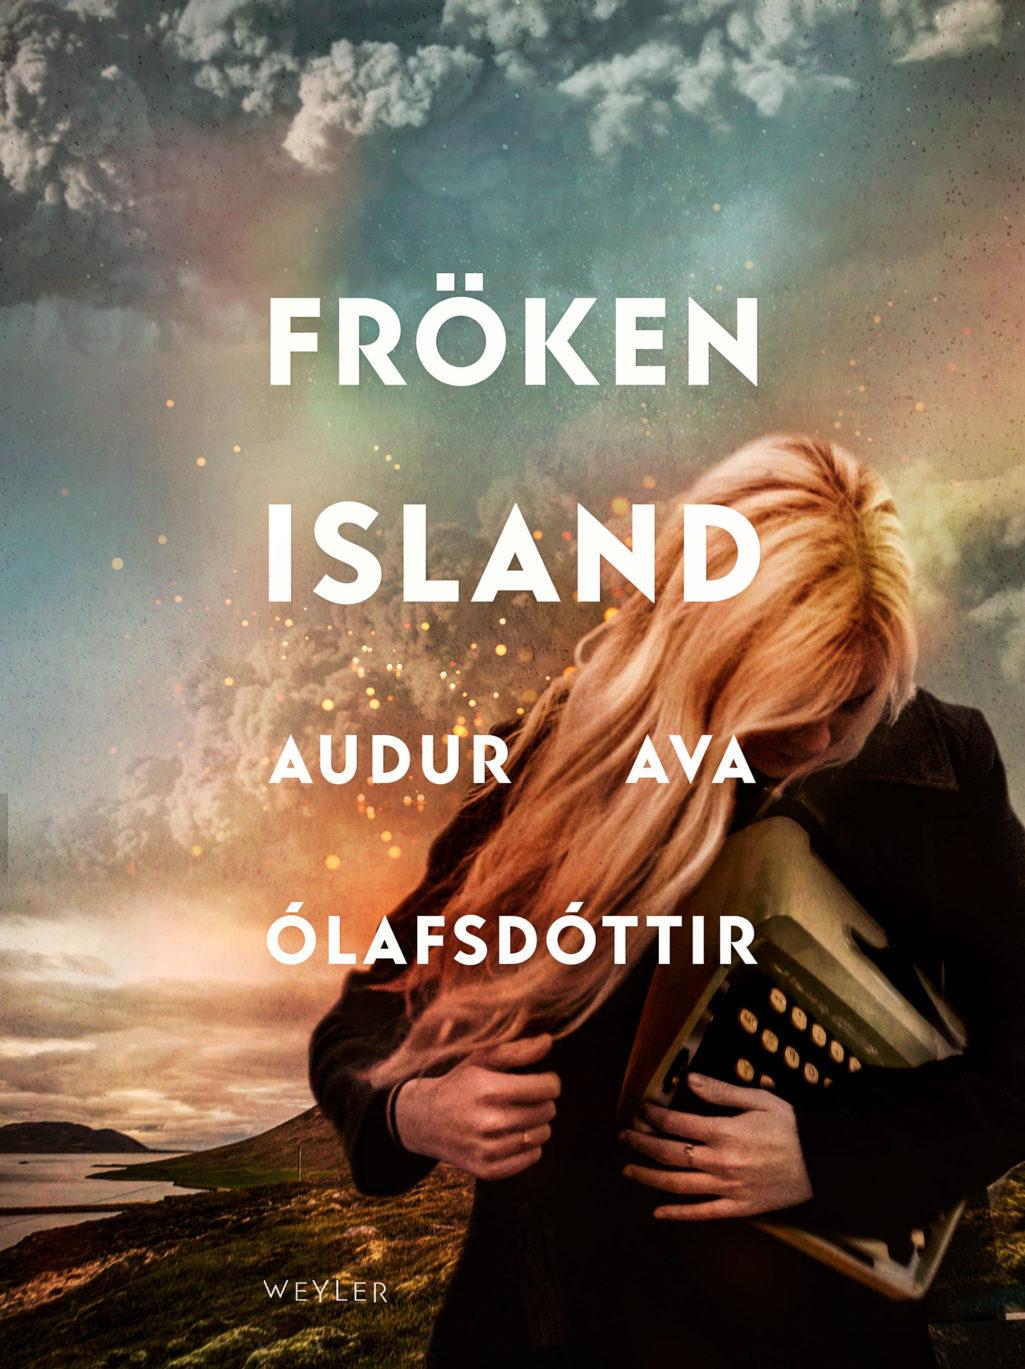 kolafsdottir_frokenisland_katalogomslag